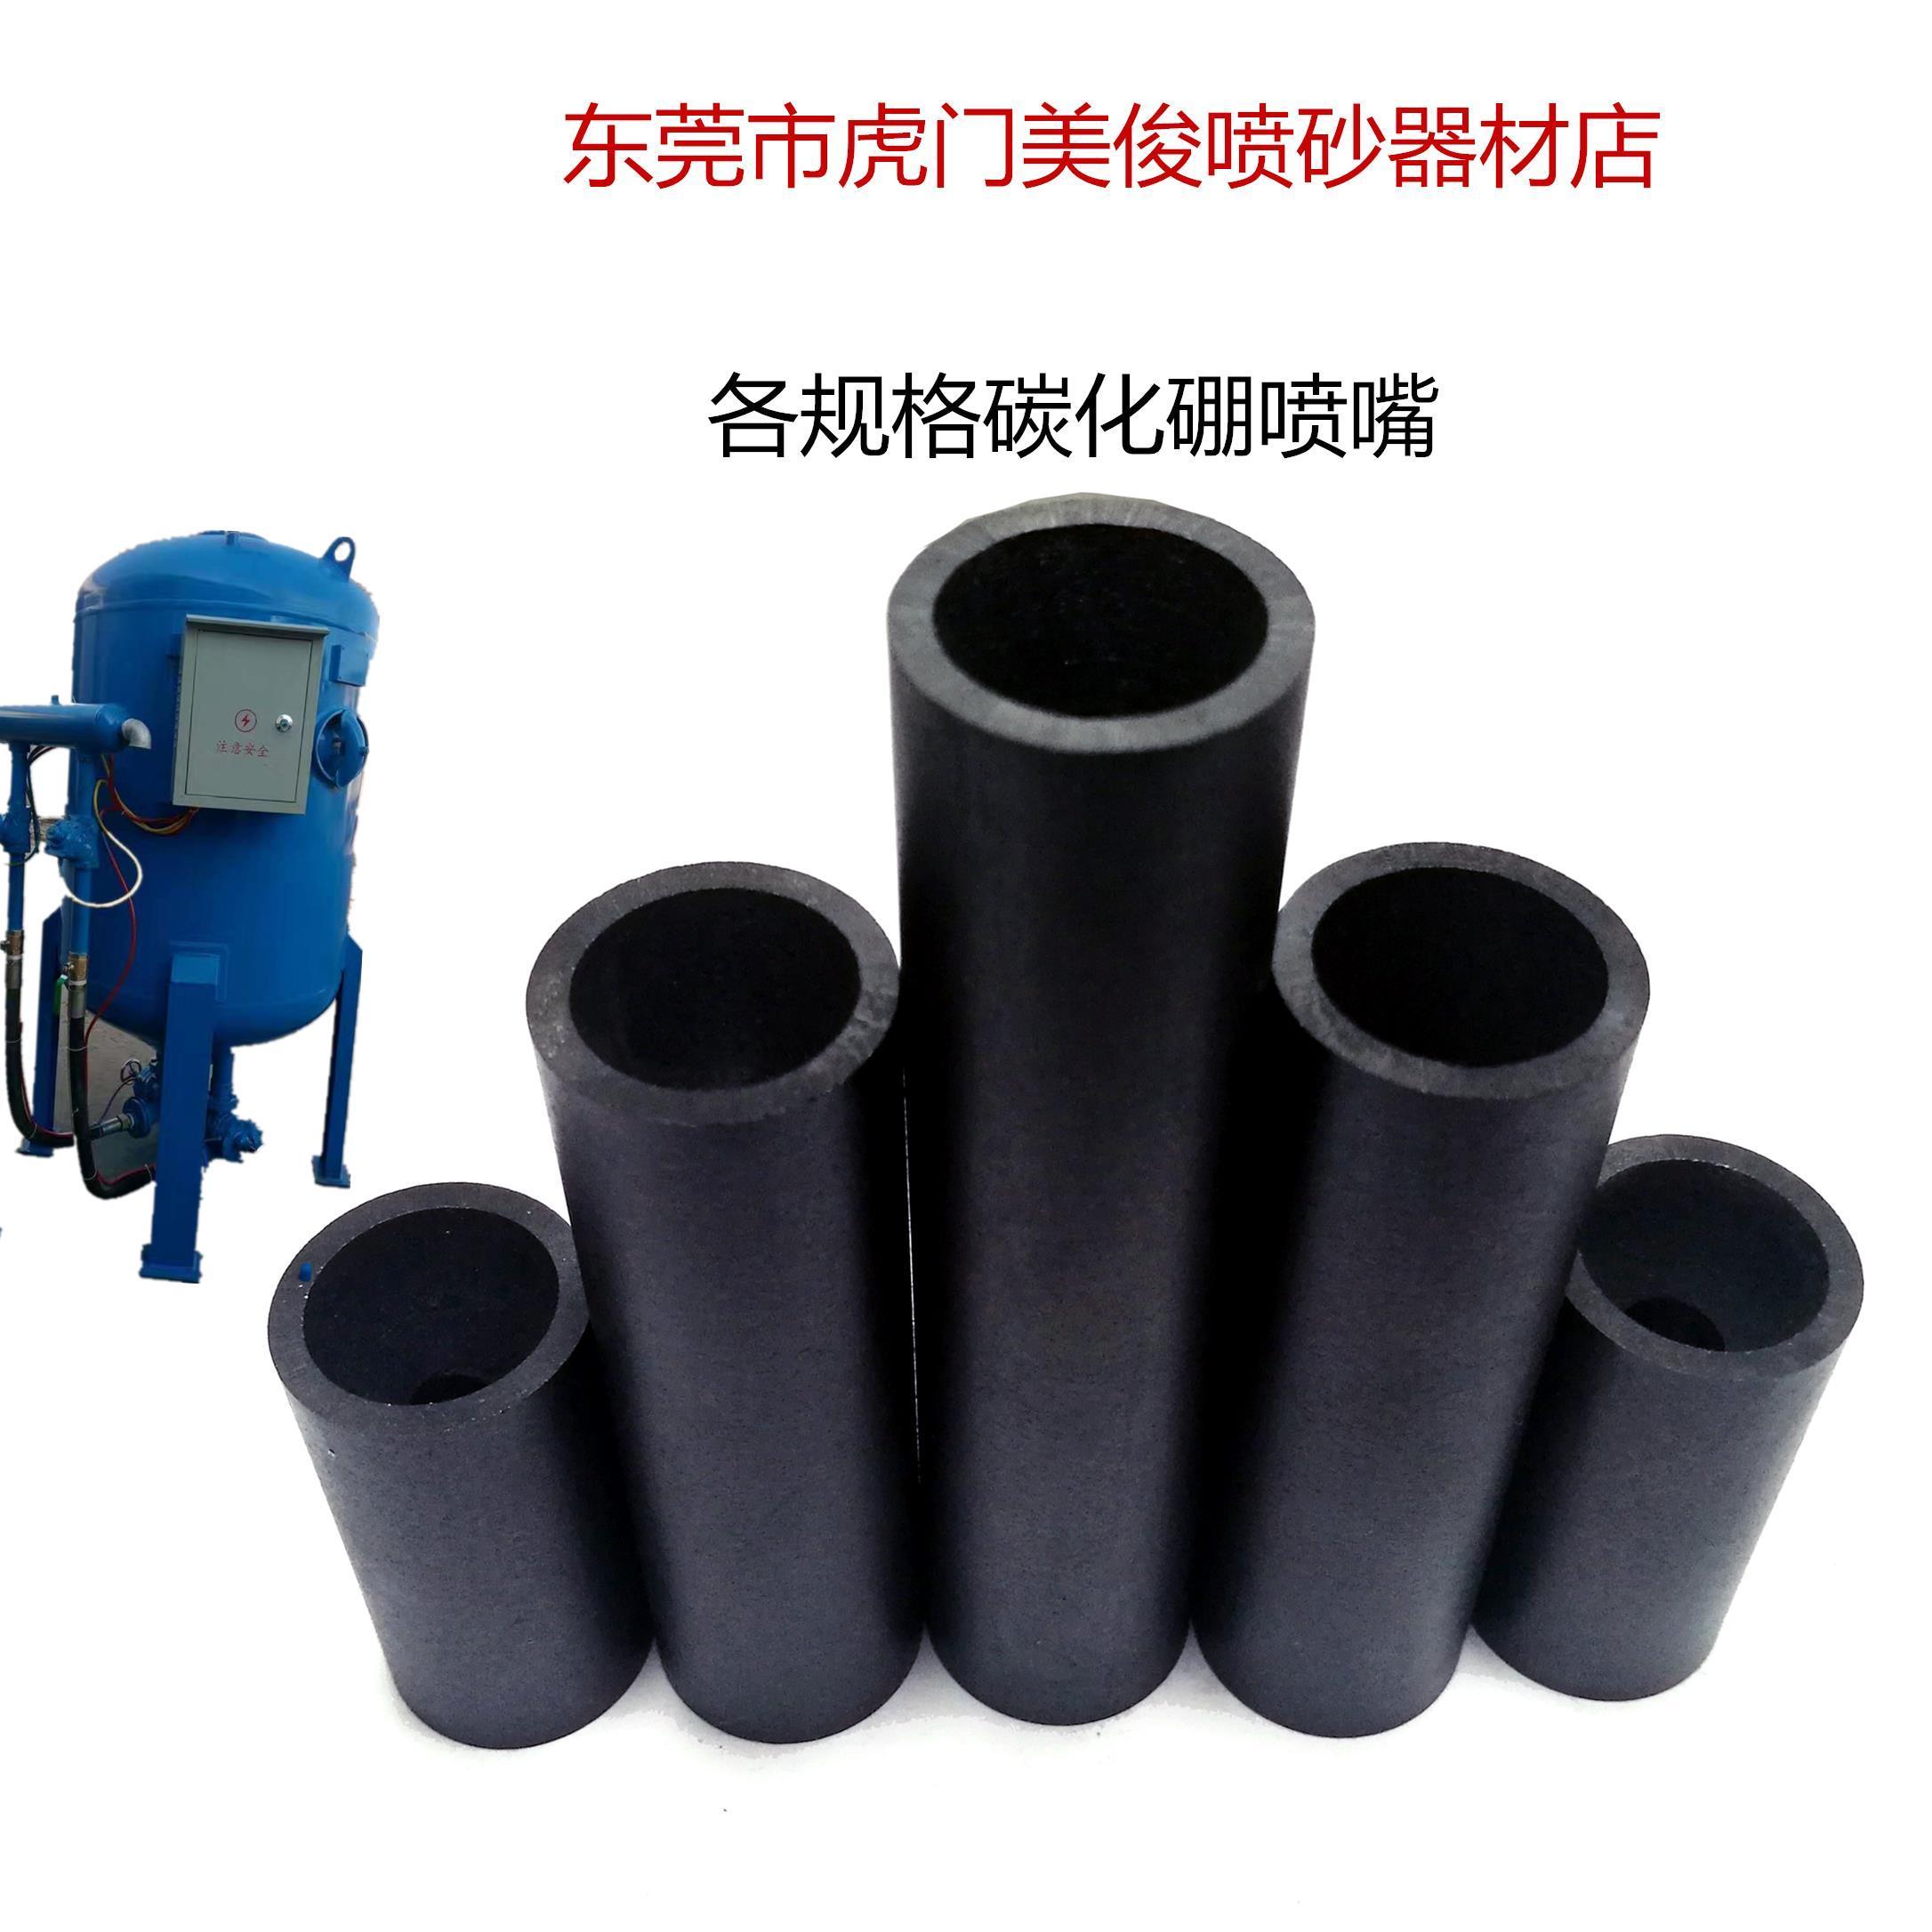 碳化硼喷嘴 喷沙咀 耐磨喷砂嘴 喷砂机配件